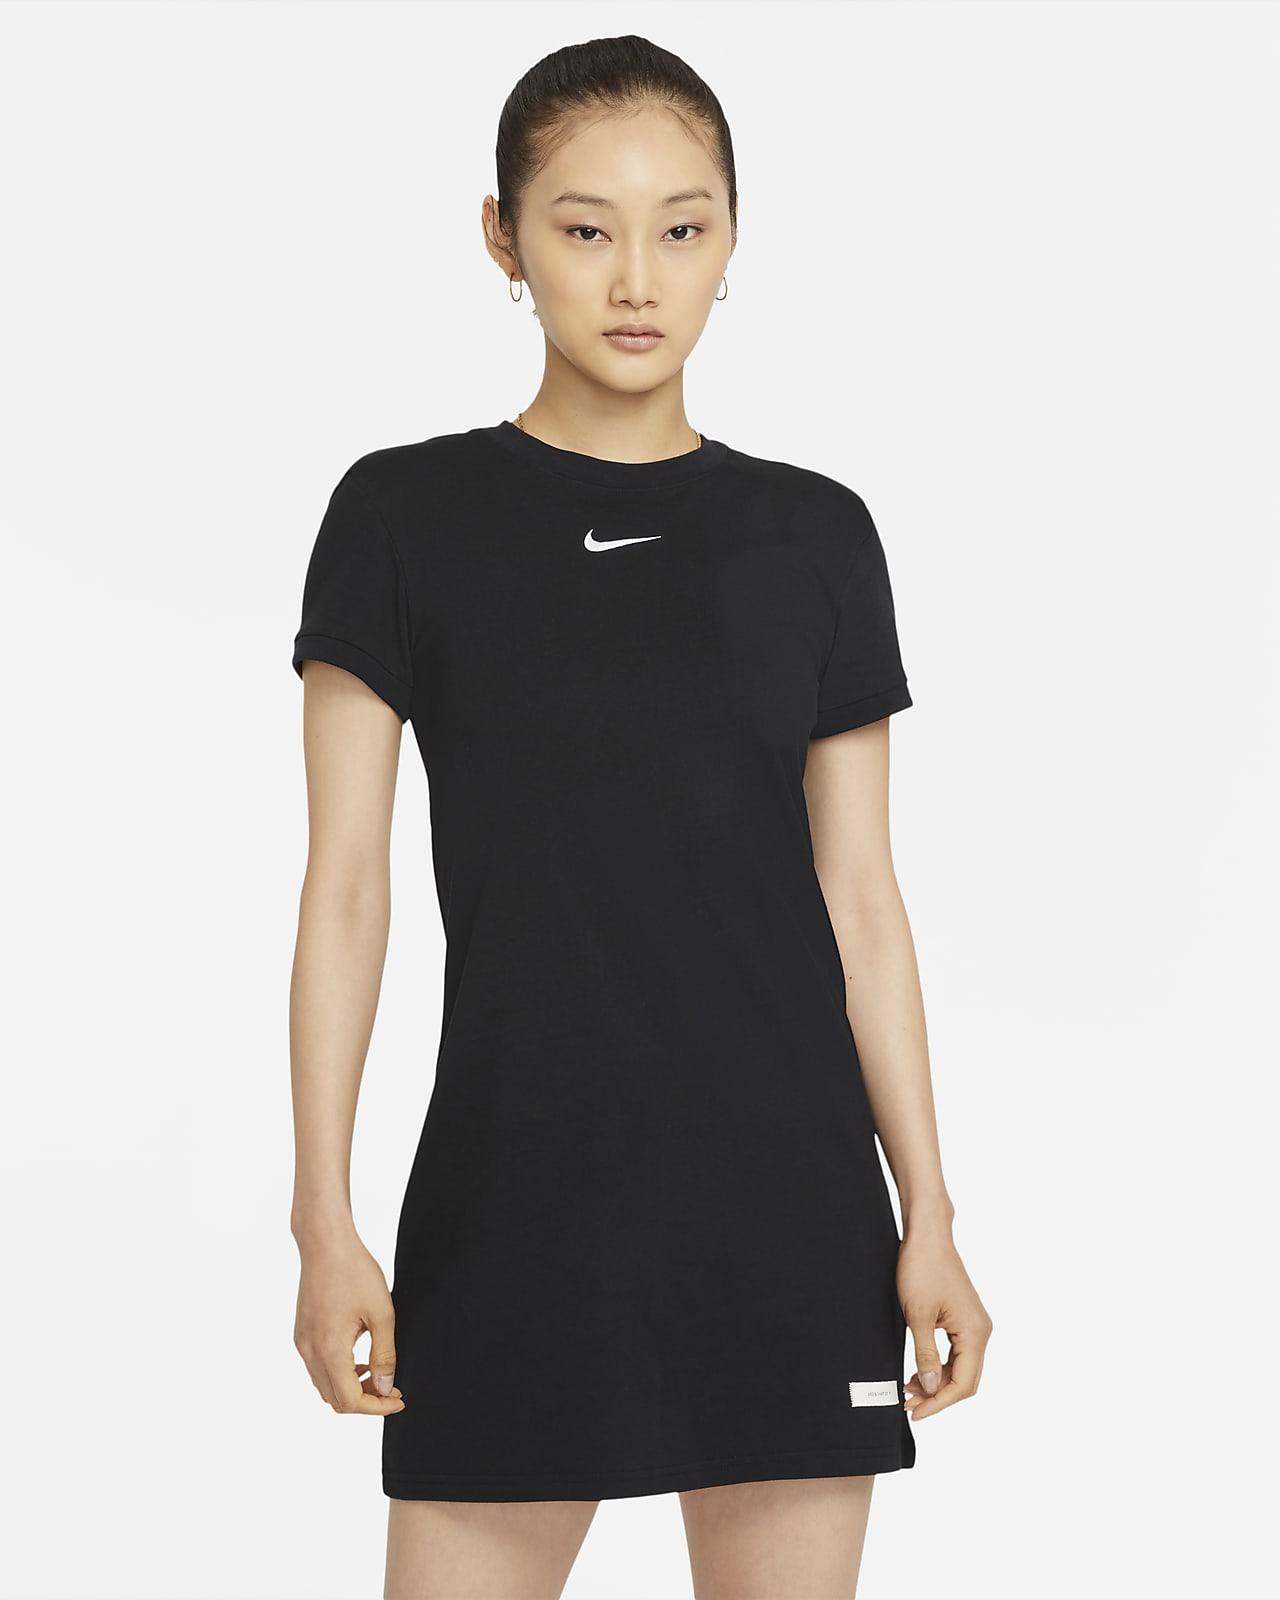 Nike Sportswear Icon Clash 女款短袖洋裝